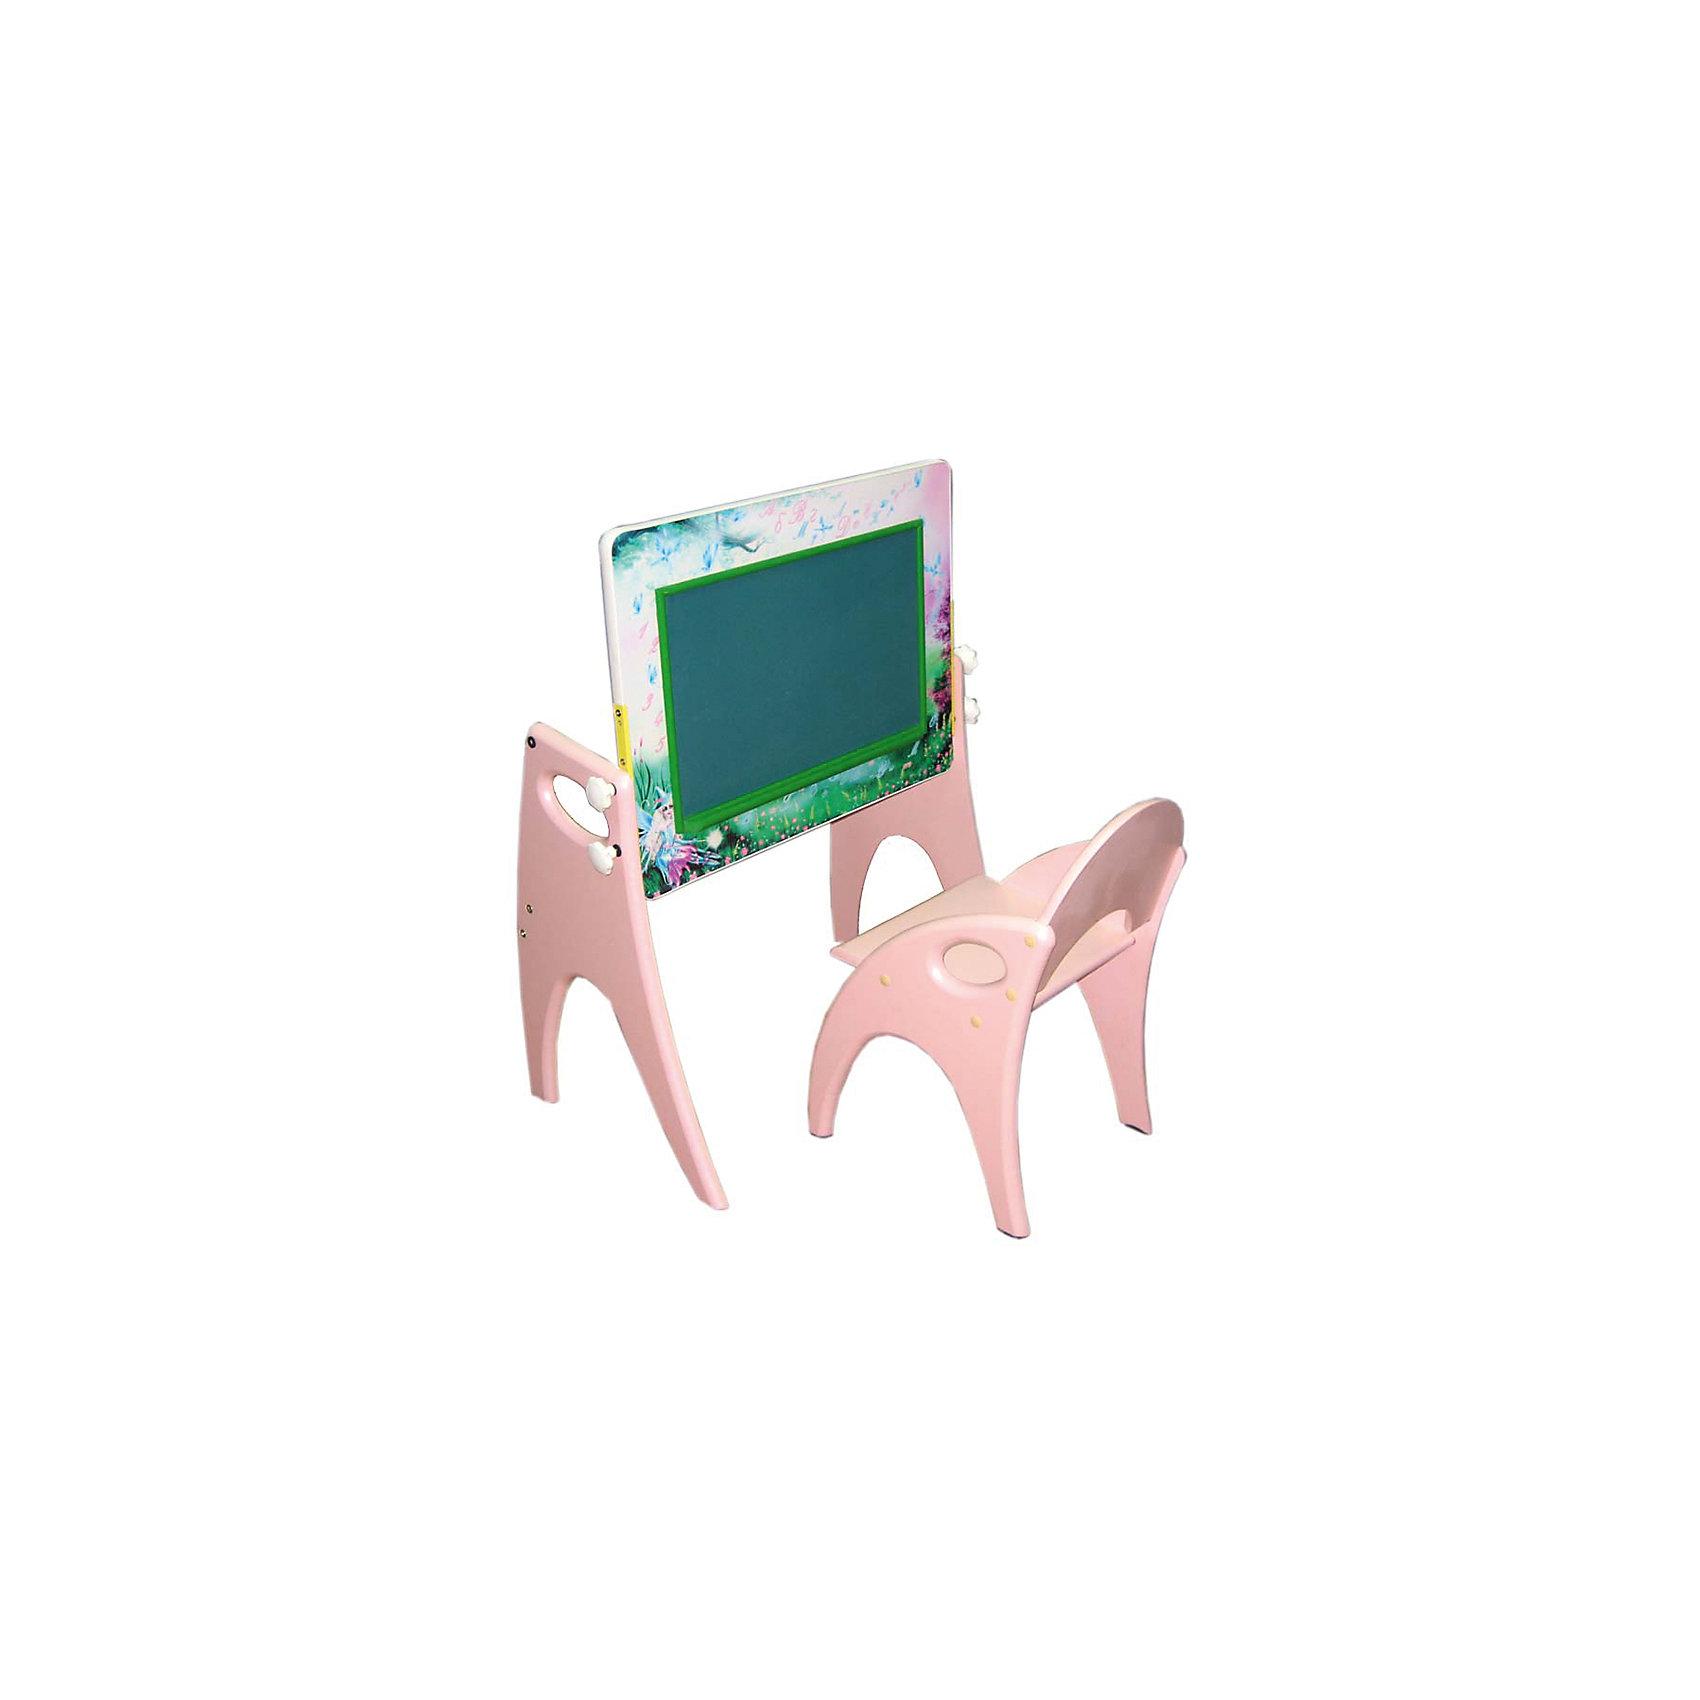 Набор мебели День-ночь, розовыйМебель<br>Набор детской мебели День - ночь состоит из двух предметов: столик (трансформер) и стульчик.  Столик  имеет механизм трансформации, который позволяет превращать столик в парту и мольберт. Поворот осуществляется при помощи поворотного шарнира, а фиксация - скрепляющими барашками. <br>Столешница парты изготавливается из МДФ и с одной стороны имеет маркерную, с другой - грифельную поверхность.<br><br>Дополнительная информация:<br><br>- Цвет: розовый<br>- Материал: МДФ<br>- Возраст: от 3-х лет<br>- Вес: 11.5 кг. <br><br>Набор мебели День - ночь в розовом цвете, можно купить в нашем магазине<br><br>Ширина мм: 600<br>Глубина мм: 120<br>Высота мм: 450<br>Вес г: 11500<br>Возраст от месяцев: 36<br>Возраст до месяцев: 108<br>Пол: Унисекс<br>Возраст: Детский<br>SKU: 4718346